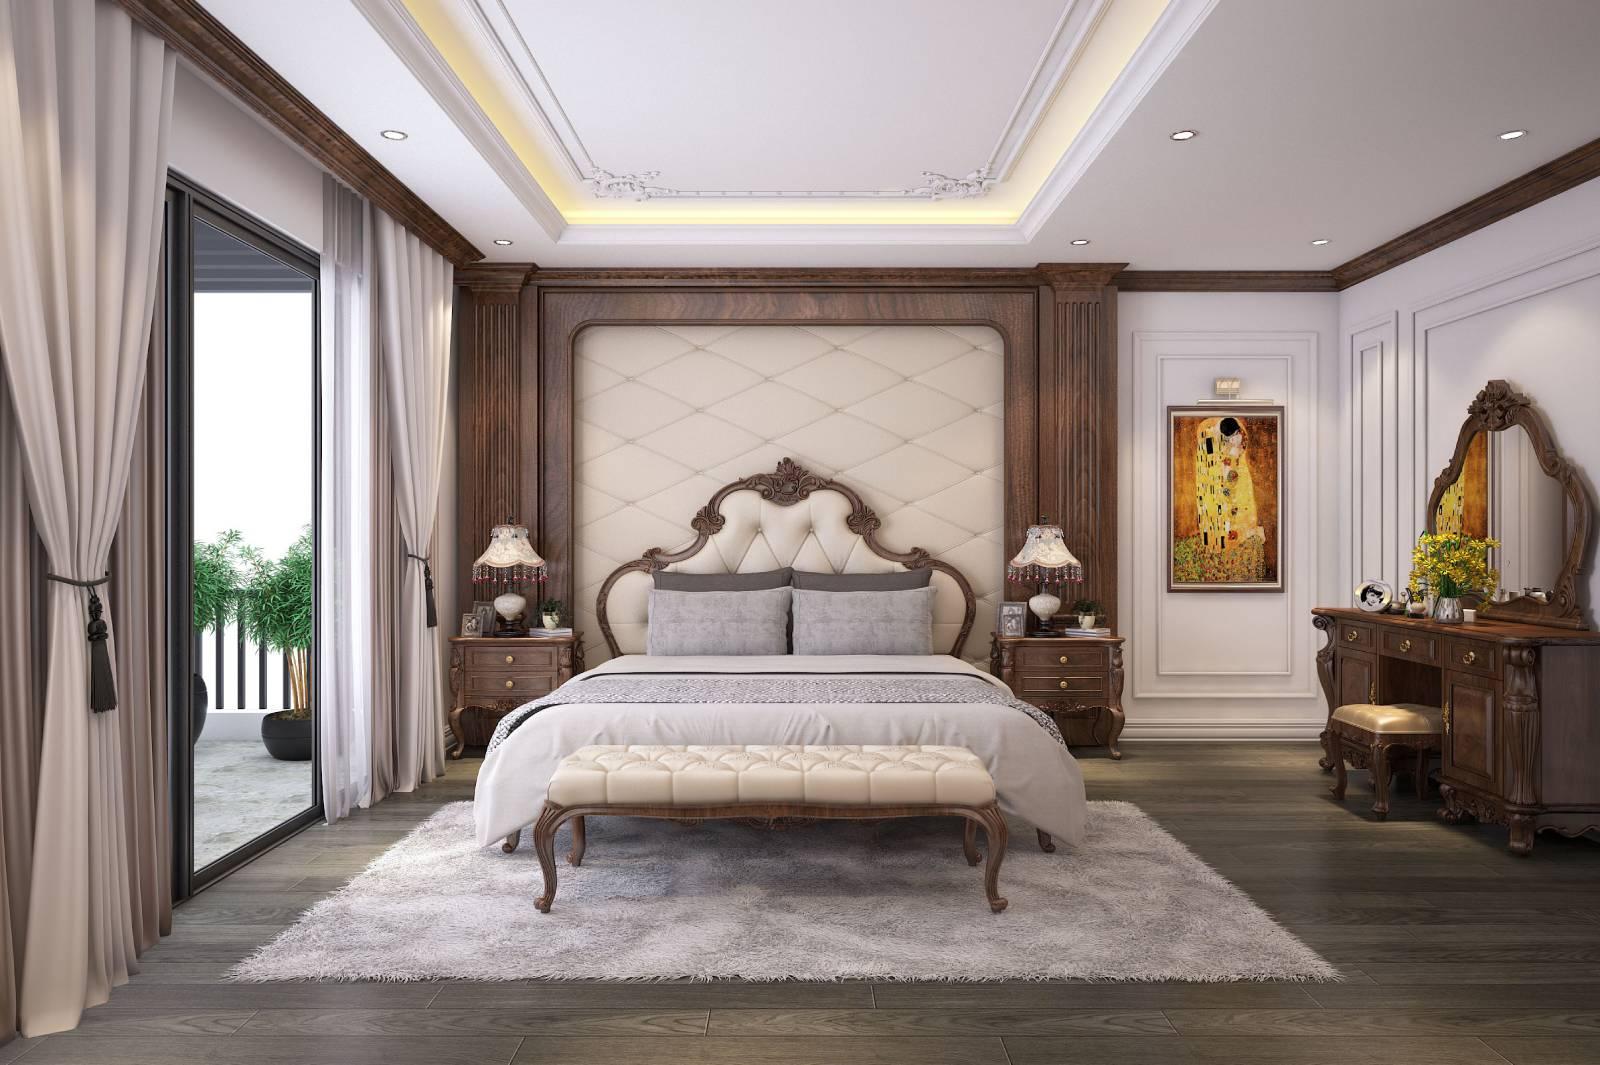 Đèn phòng ngủ tân cổ điển tăng thêm vẻ đẹp và giá trị cho đồ nội thất